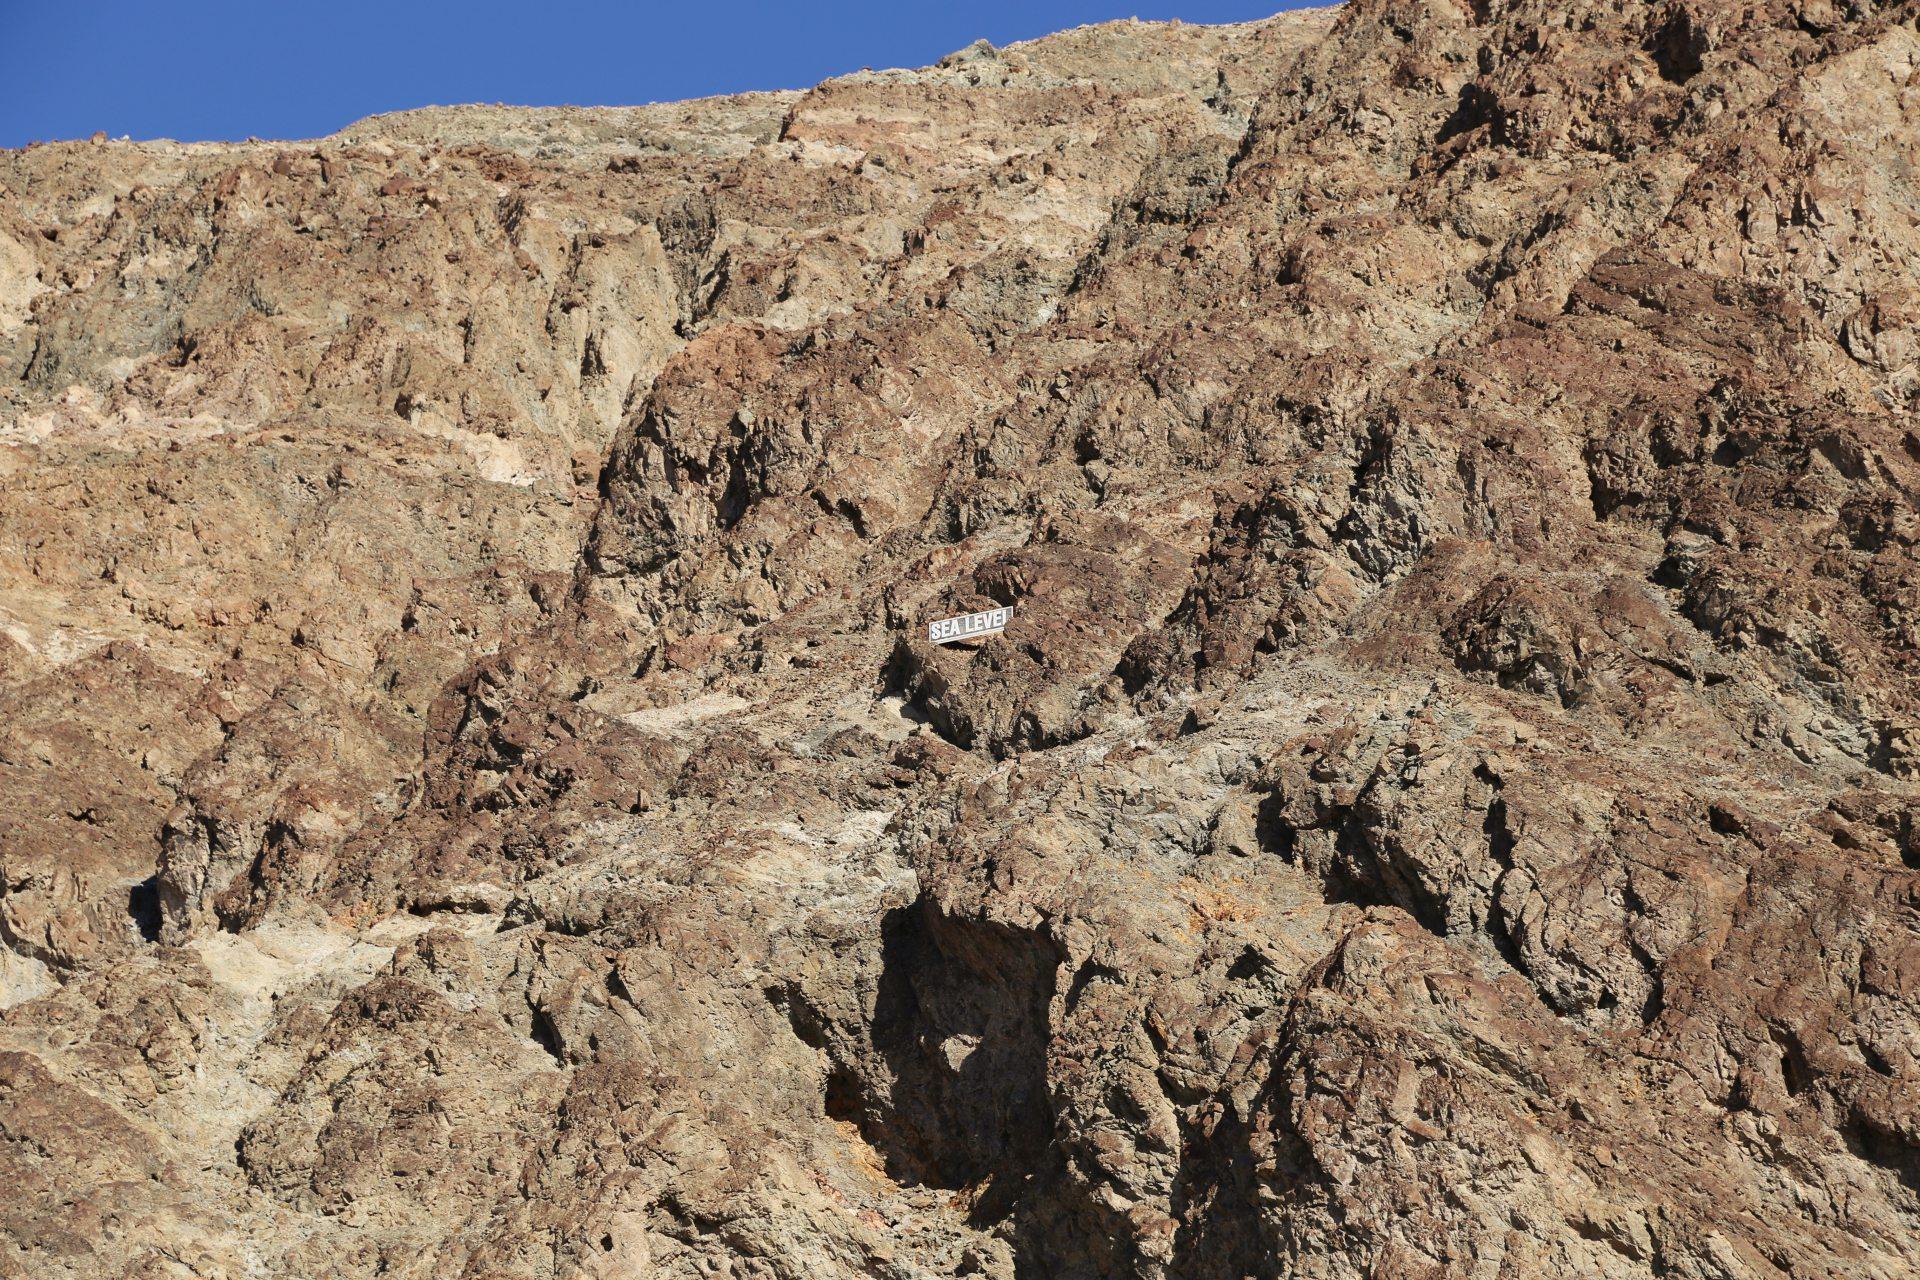 Badwater ist der tiefste Punkt der USA - Death Valley National Park, Erosion, Felsen, Gestein, Kalifornien, Mojave-Wüste, Sandstein, Wolken, Wüste - (Badwater, Death Valley, Kalifornien, Vereinigte Staaten)